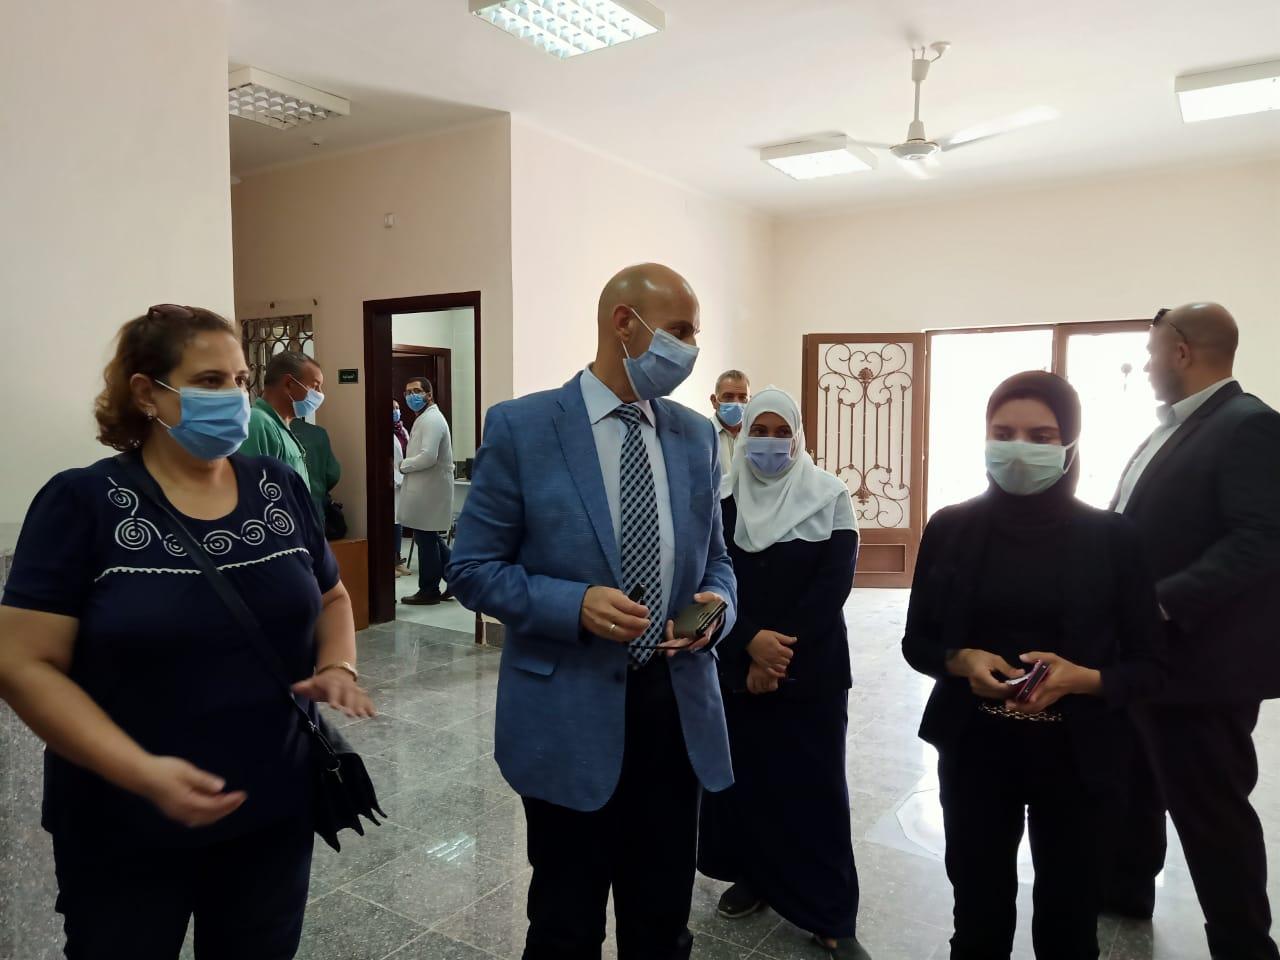 وكيل صحة الشرقية يتفقد المركز الطبى للعزل بالعاشر من رمضان (3)